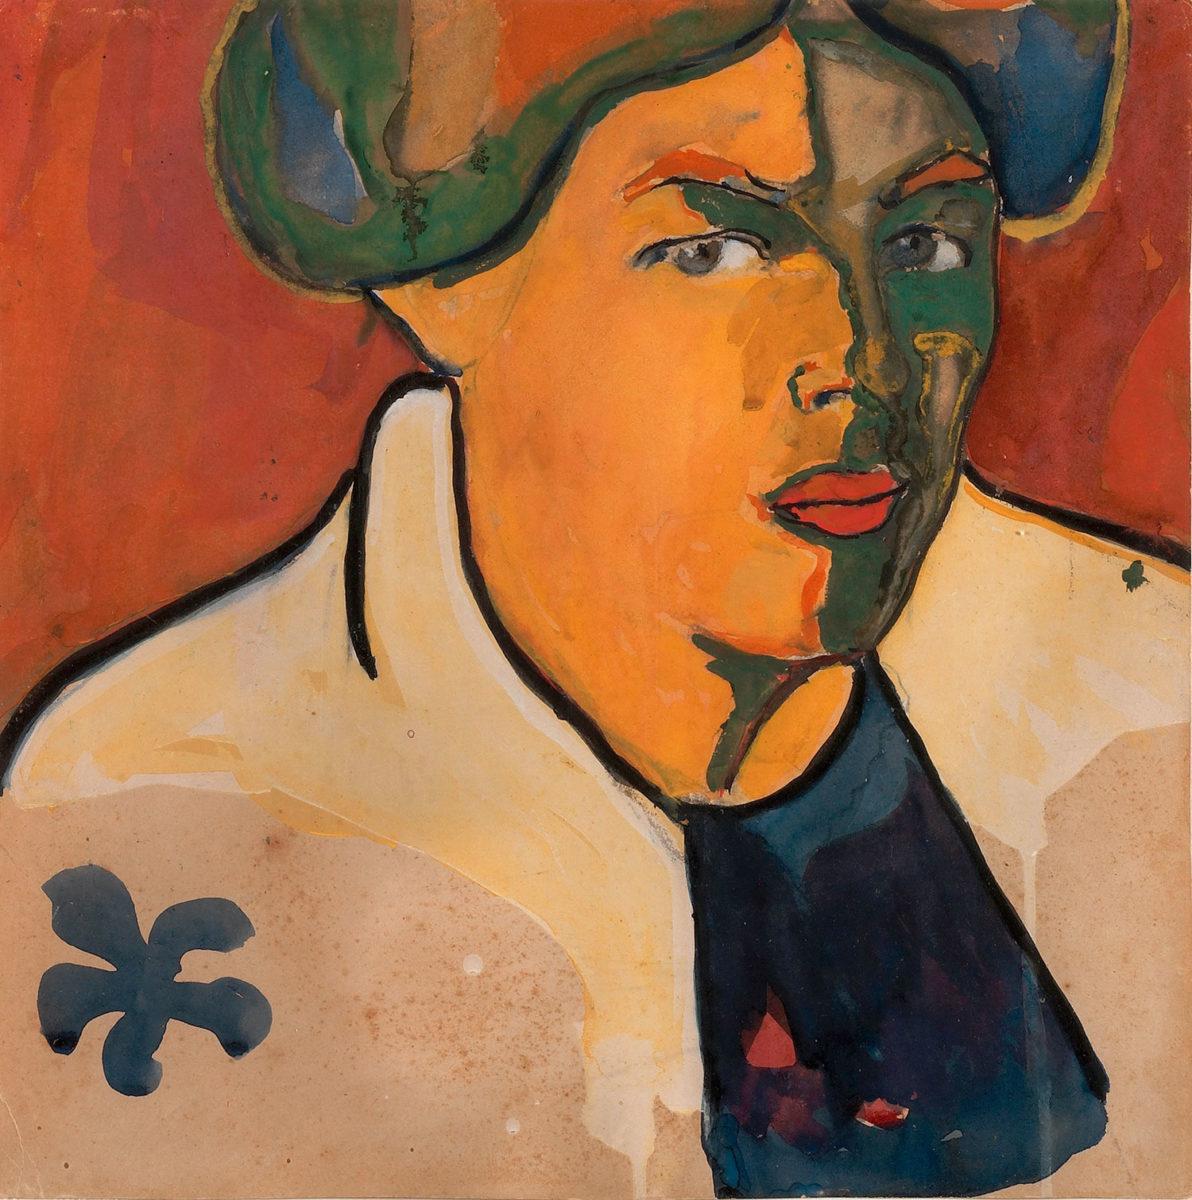 Καζιμίρ Μαλέβιτς, «Γυναικείο πορτρέτο», περ. 1910-1911, γκουάς σε χαρτόνι, 27,7x27,8 εκ. (Πηγή: ΚΜΣΤ-Συλλογή Κωστάκη).